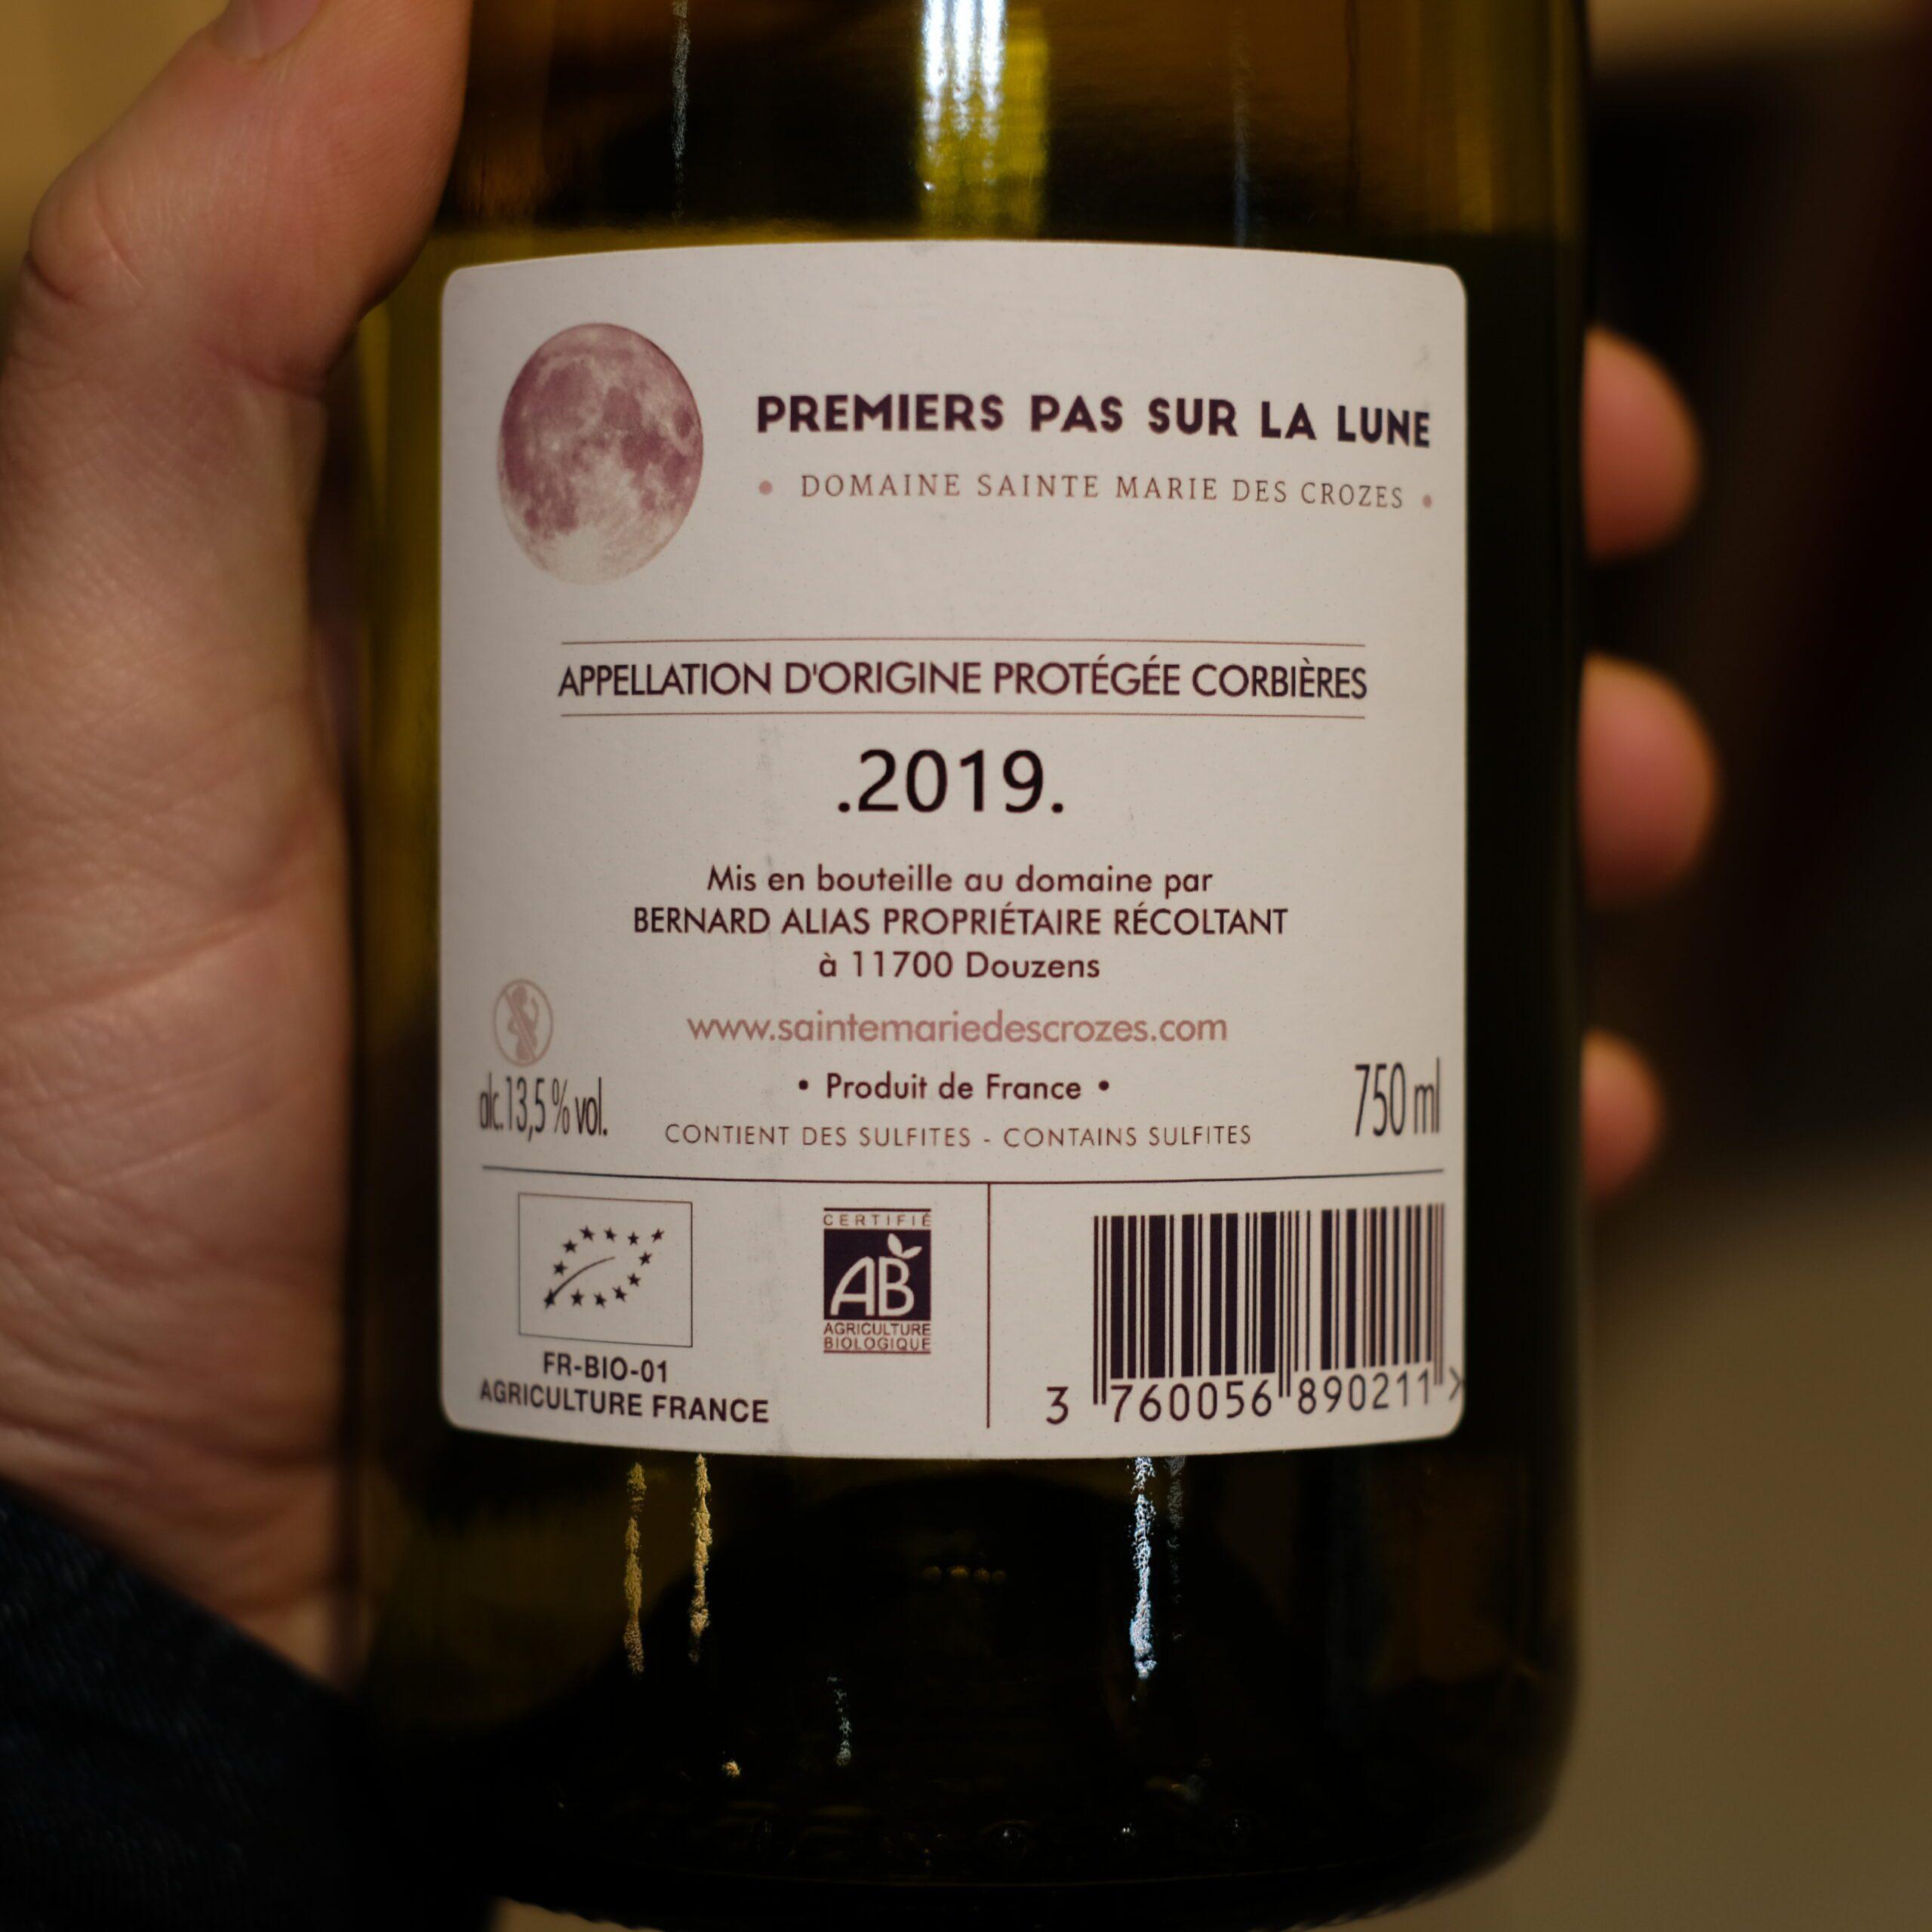 etiquette verso vin biologique 1er pas sur la lune ATELIER LAVARENNE fleuriste Lyon